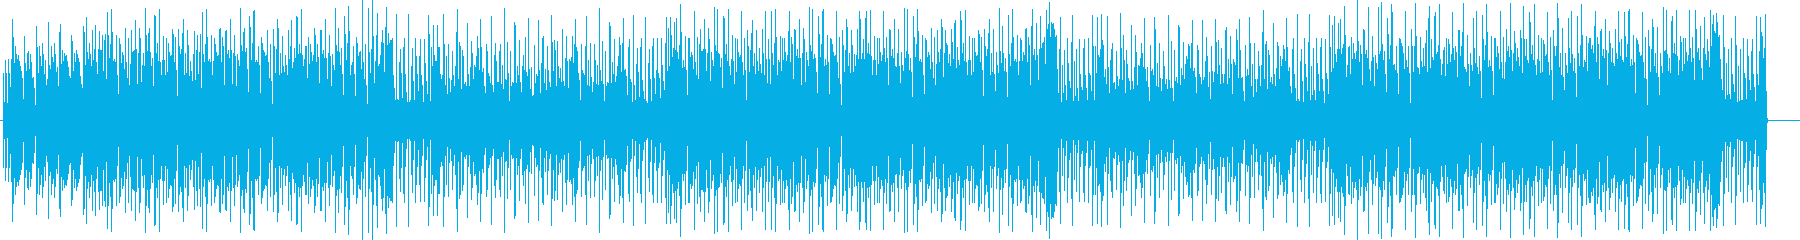 レトロな音色で今風の曲調のBGMの再生済みの波形